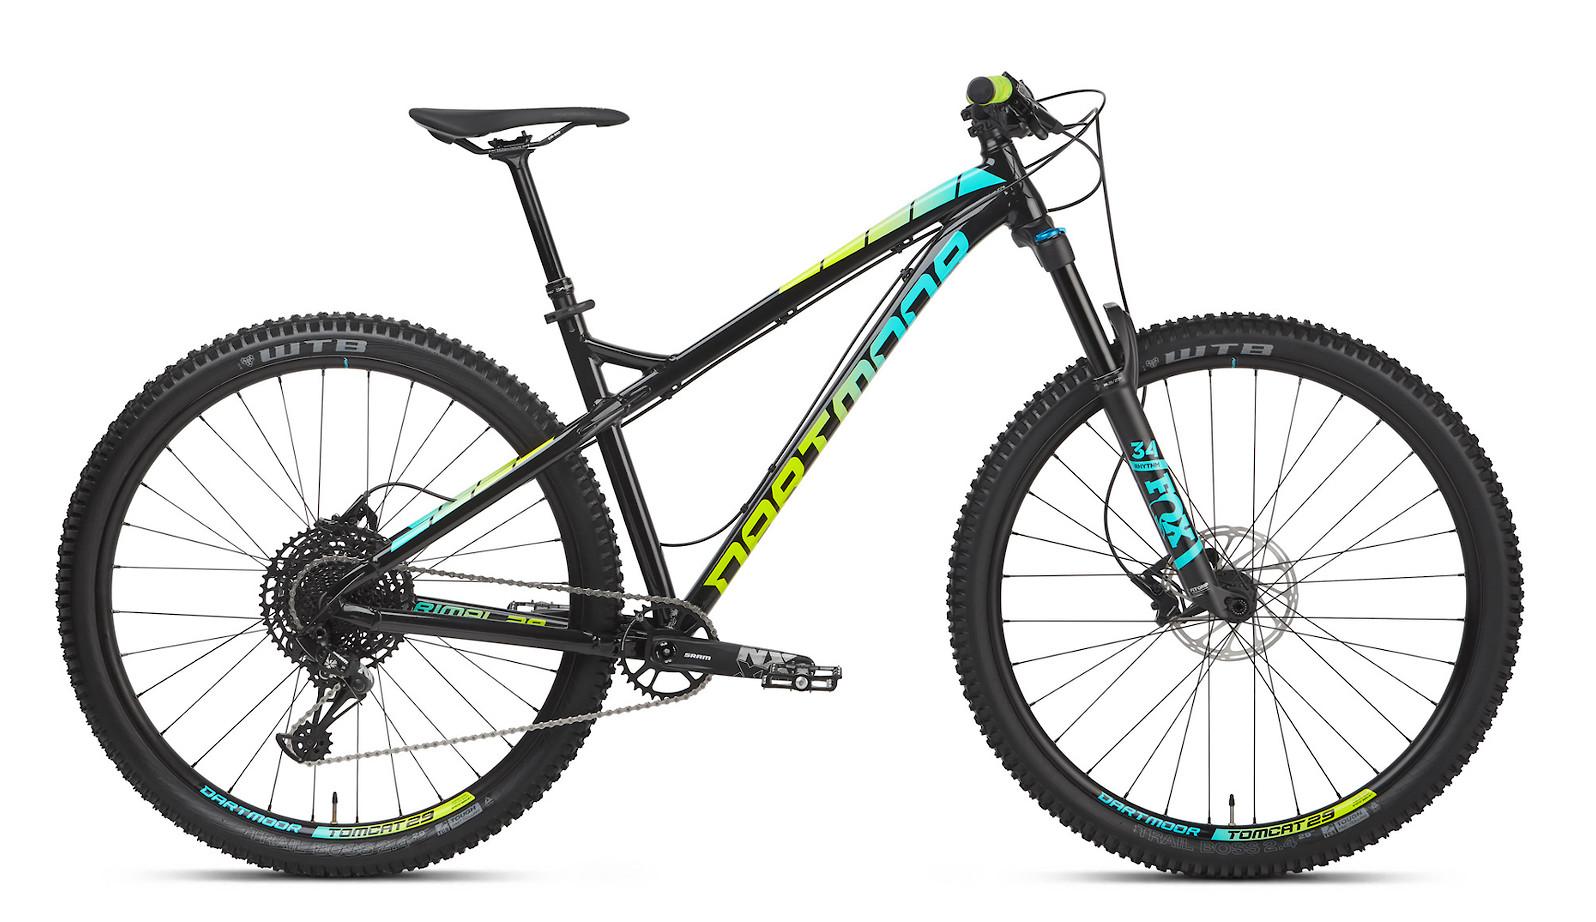 2019 Dartmoor Primal Pro 29 Bike